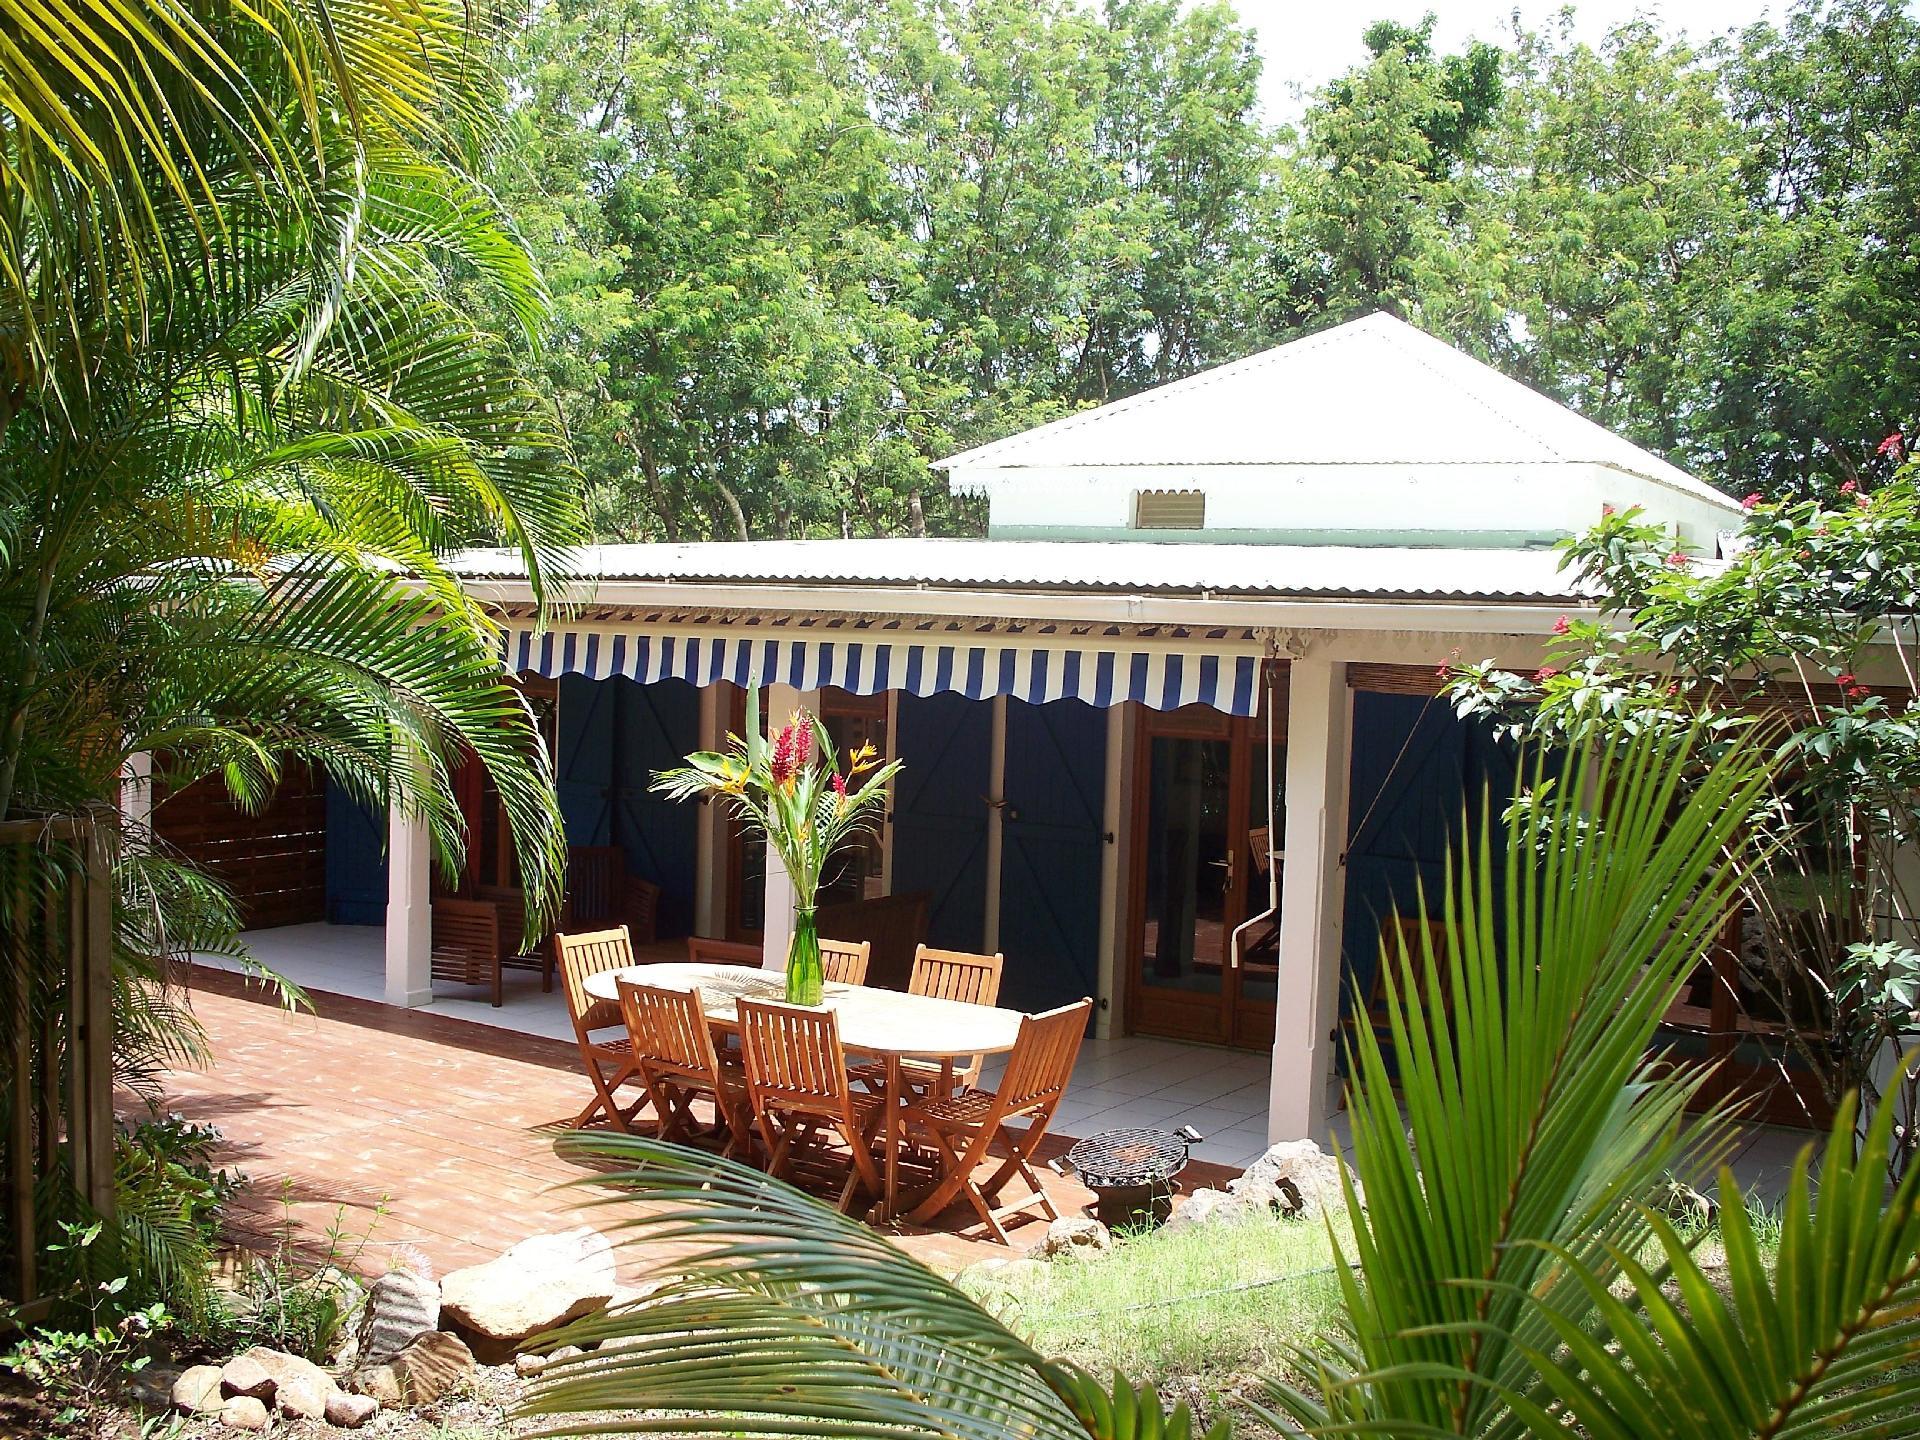 Ferienhaus für 4 Personen  + 3 Kinder ca. 120  in Guadeloupe